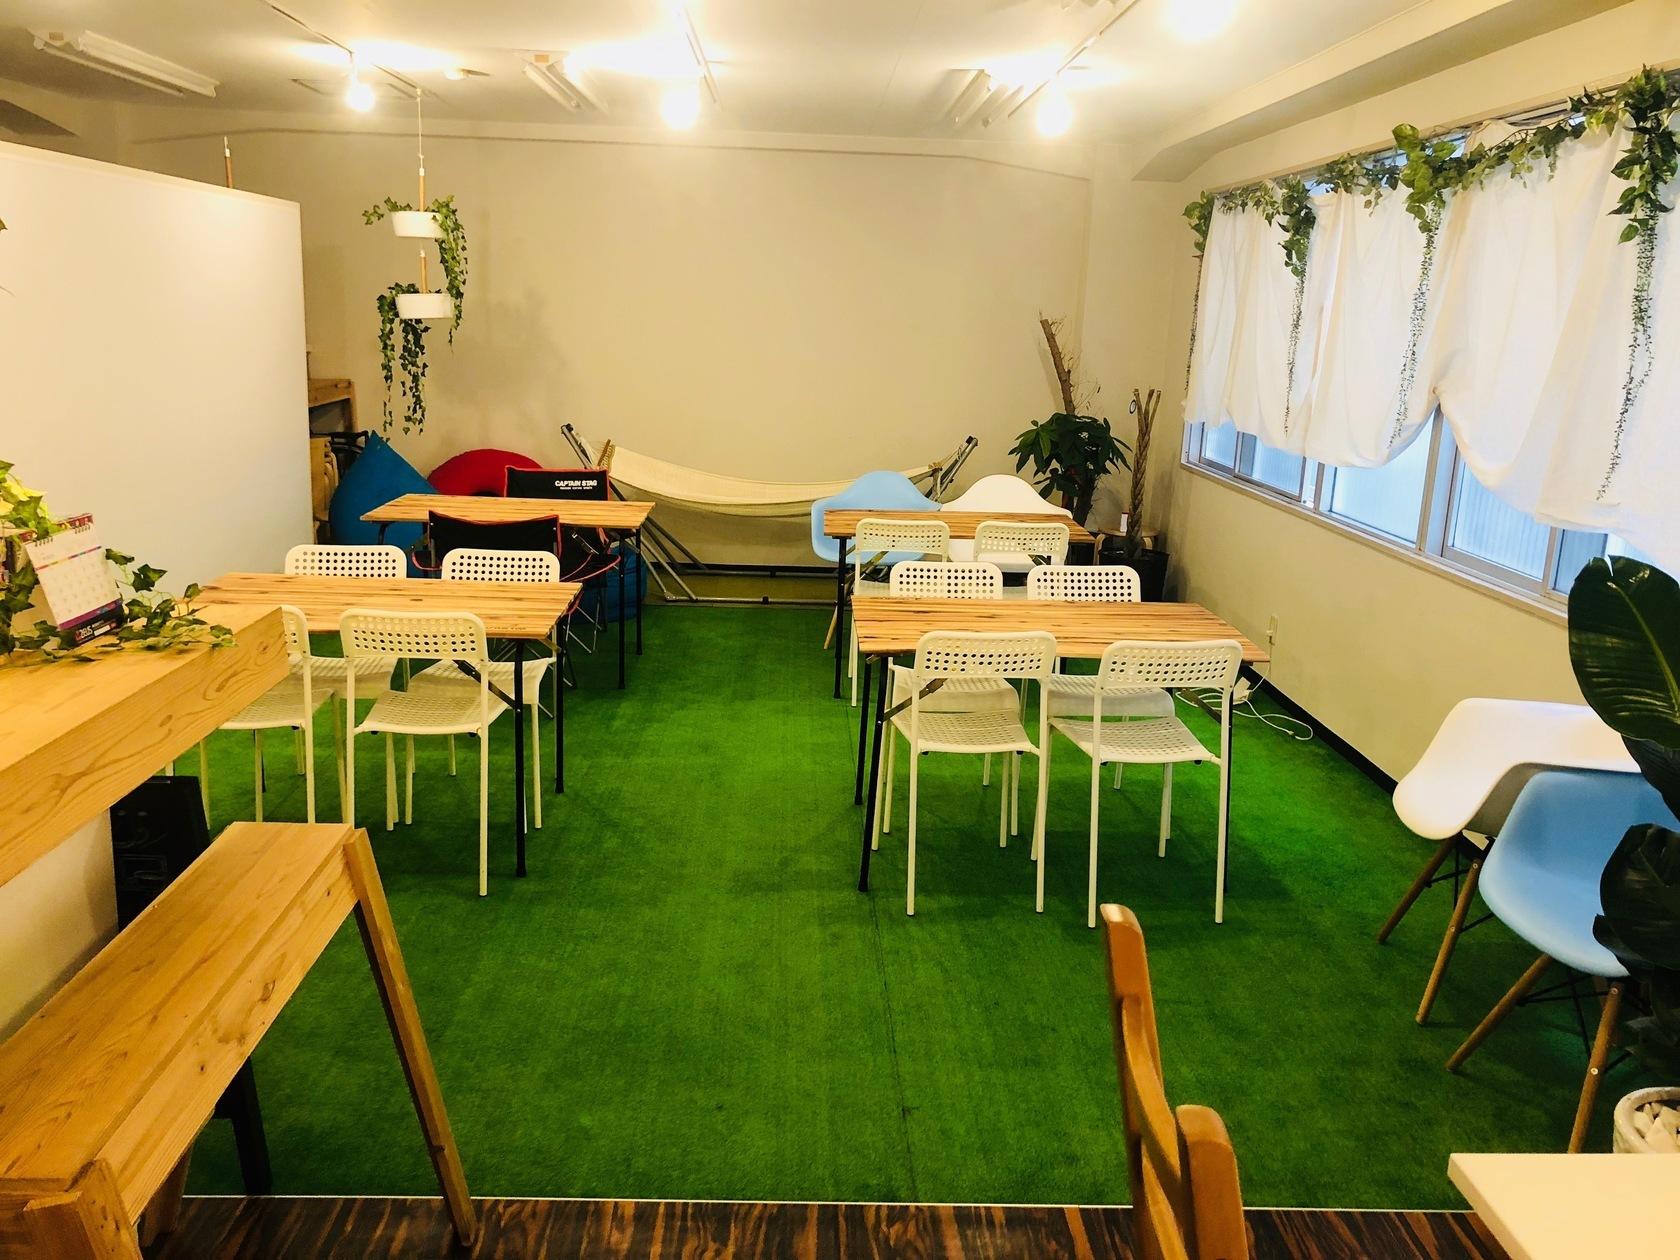 【天満駅・扇町駅すぐ】コワーキングスペースの中にあるカフェの様な癒しのイベントスペース、ケータリングも可能(クラウドファンディングで誕生した癒しコワーキングカフェROUGH LABO) の写真0